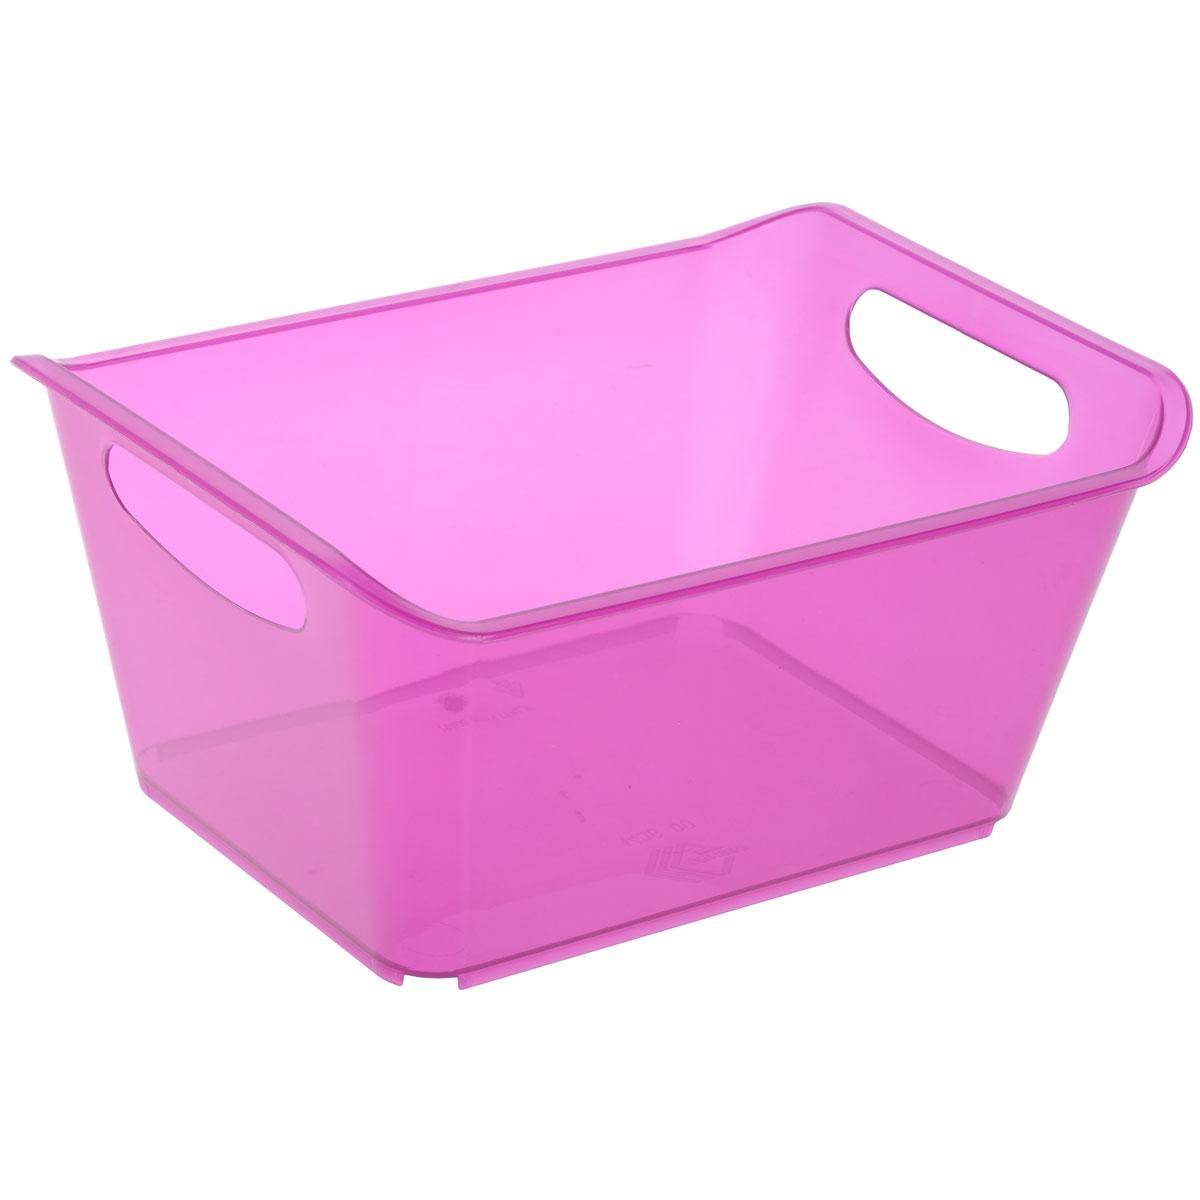 Контейнер Gensini, цвет: сиреневый, 5 л контейнер gensini цвет сиреневый 10 л